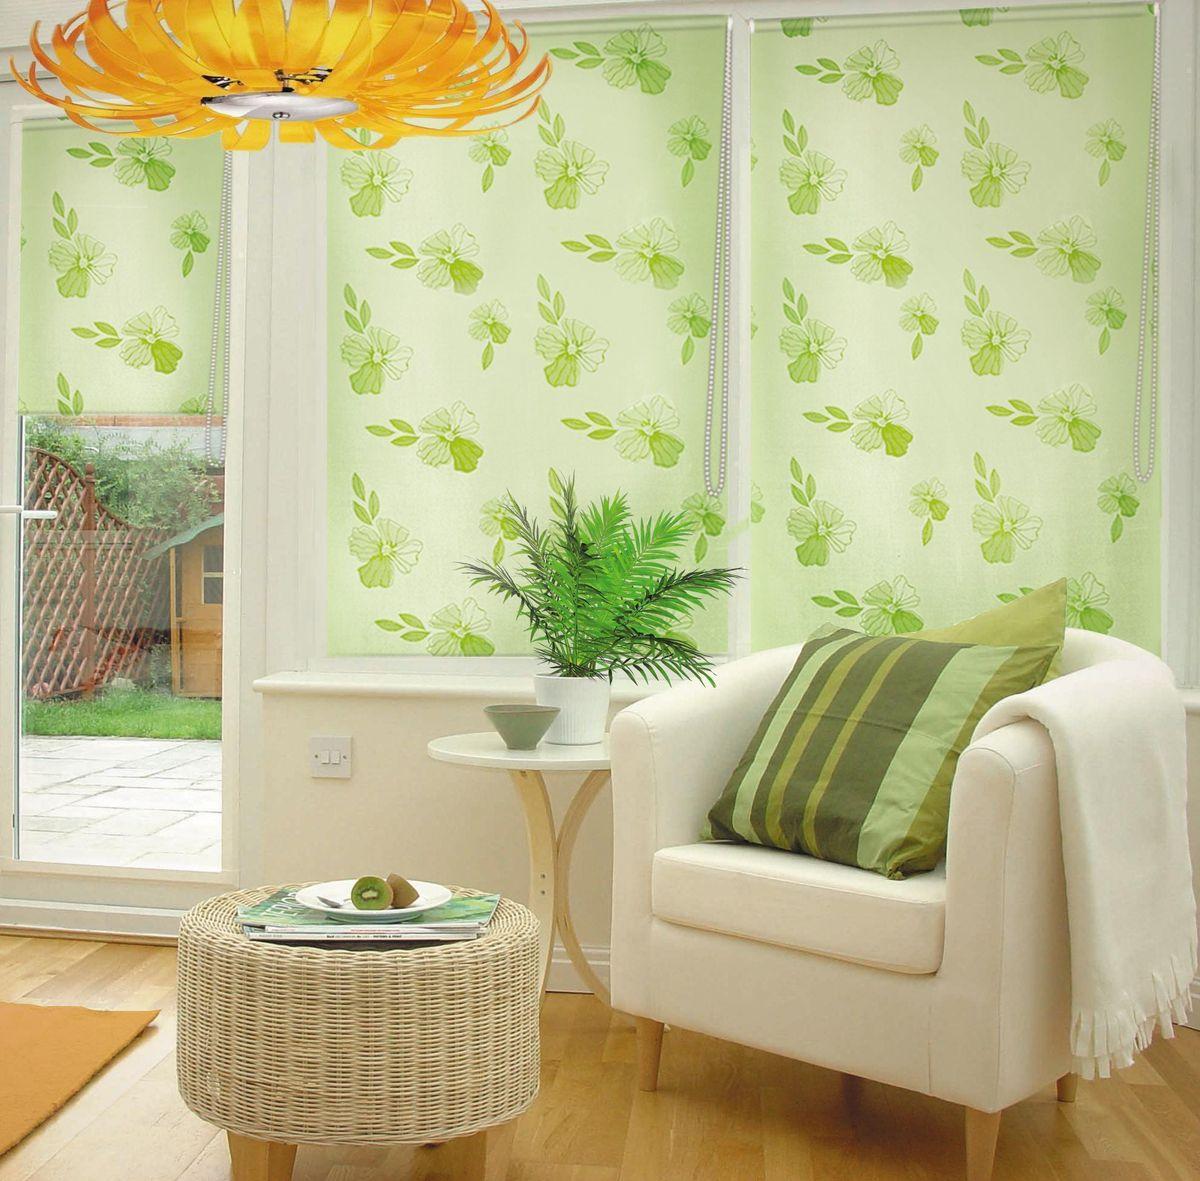 Штора рулонная Эскар Эдельвейс, цвет: зеленый, ширина 210 см, высота 160 см88004210160Рулонными шторами можно оформлять окна как самостоятельно, так и использовать в комбинации с портьерами. Это поможет предотвратить выгорание дорогой ткани на солнце и соединит функционал рулонных с красотой навесных. Преимущества применения рулонных штор для пластиковых окон: - имеют прекрасный внешний вид: многообразие и фактурность материала изделия отлично смотрятся в любом интерьере; - многофункциональны: есть возможность подобрать шторы способные эффективно защитить комнату от солнца, при этом она не будет слишком темной. - Есть возможность осуществить быстрый монтаж. ВНИМАНИЕ! Размеры ширины изделия указаны по ширине ткани! Во время эксплуатации не рекомендуется полностью разматывать рулон, чтобы не оторвать ткань от намоточного вала. В случае загрязнения поверхности ткани, чистку шторы проводят одним из способов, в зависимости от типа загрязнения: легкое поверхностное загрязнение можно удалить при помощи канцелярского ластика; чистка от пыли производится сухим методом при...